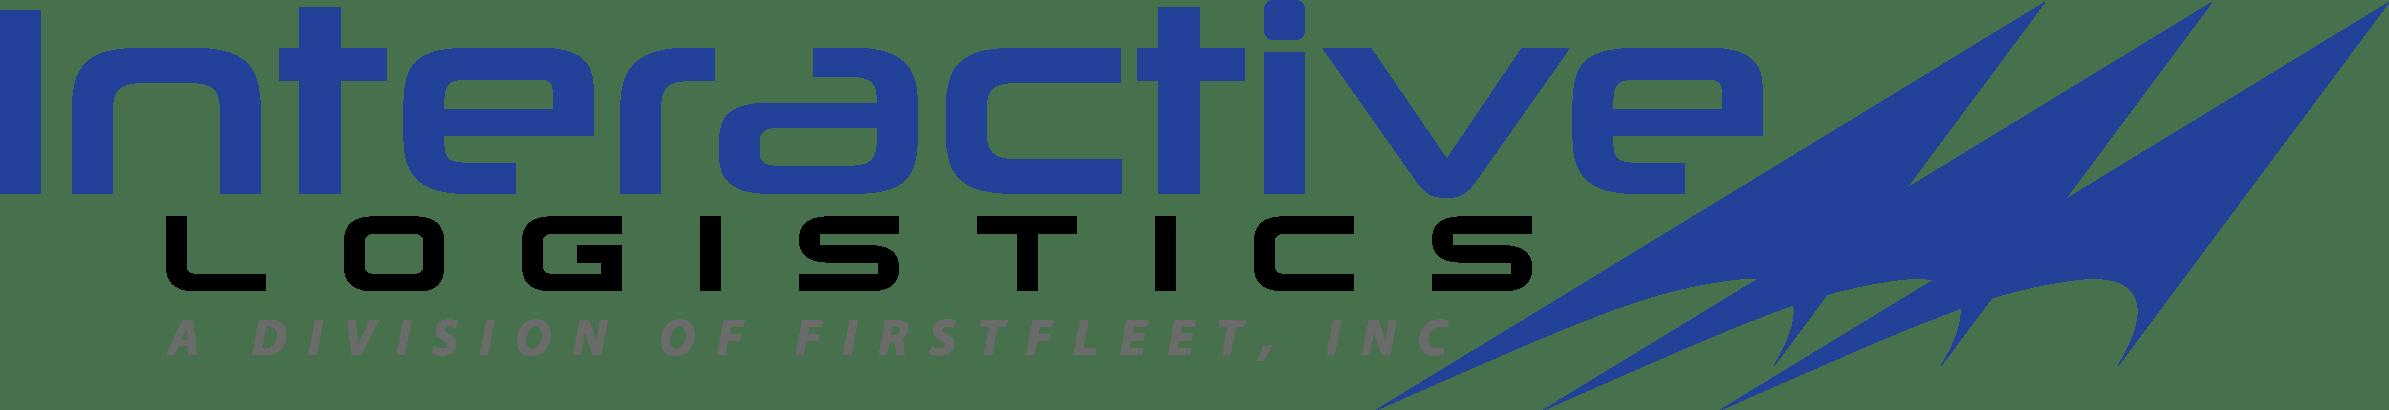 Interactive Logistics